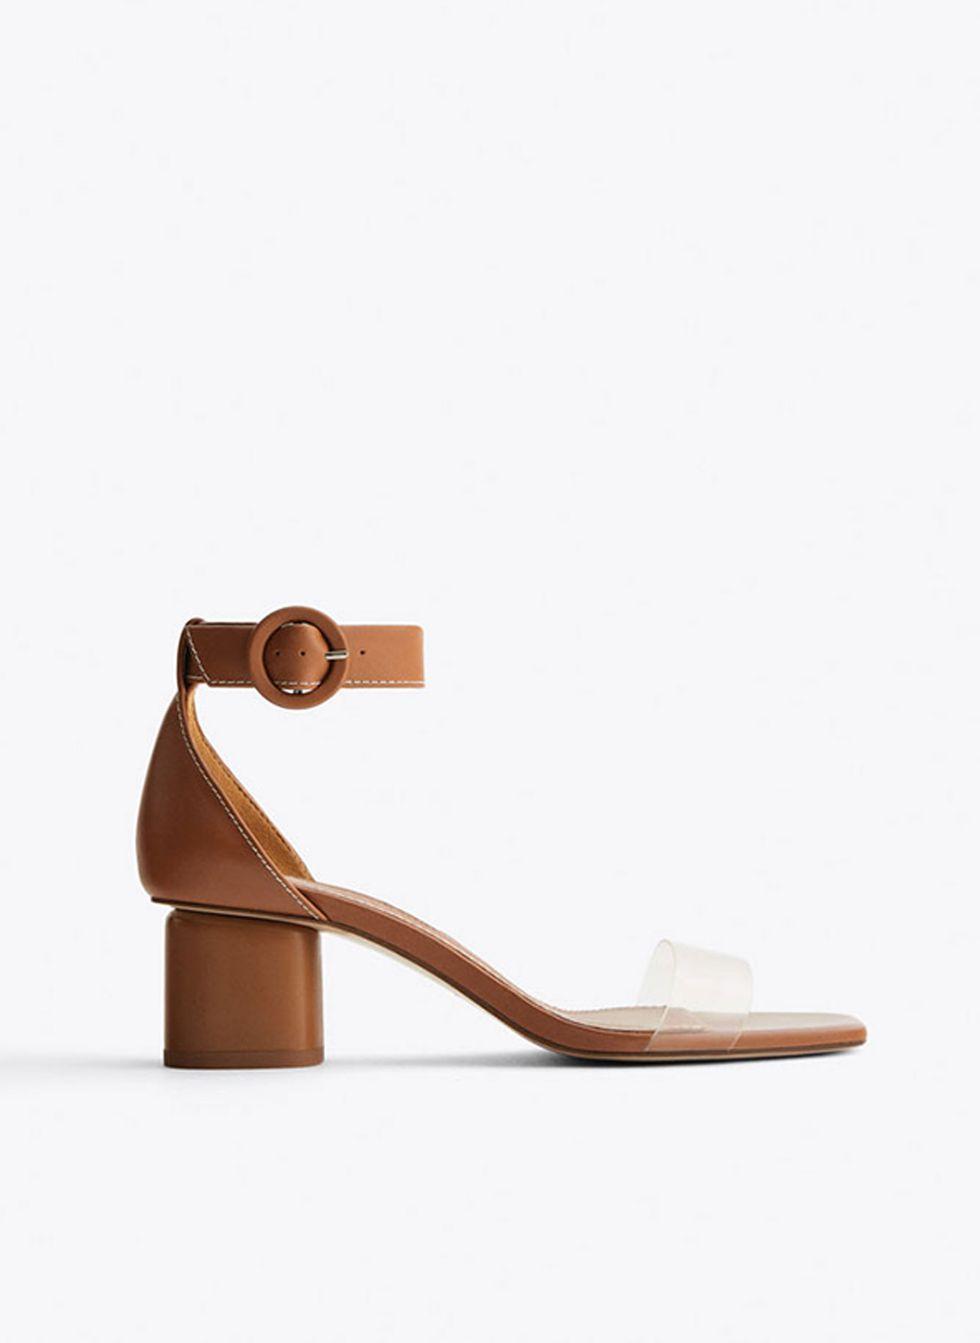 Para estrenar 9dde1 c2b3d Todas las sandalias cómodas y de tendencia que ya están en ...